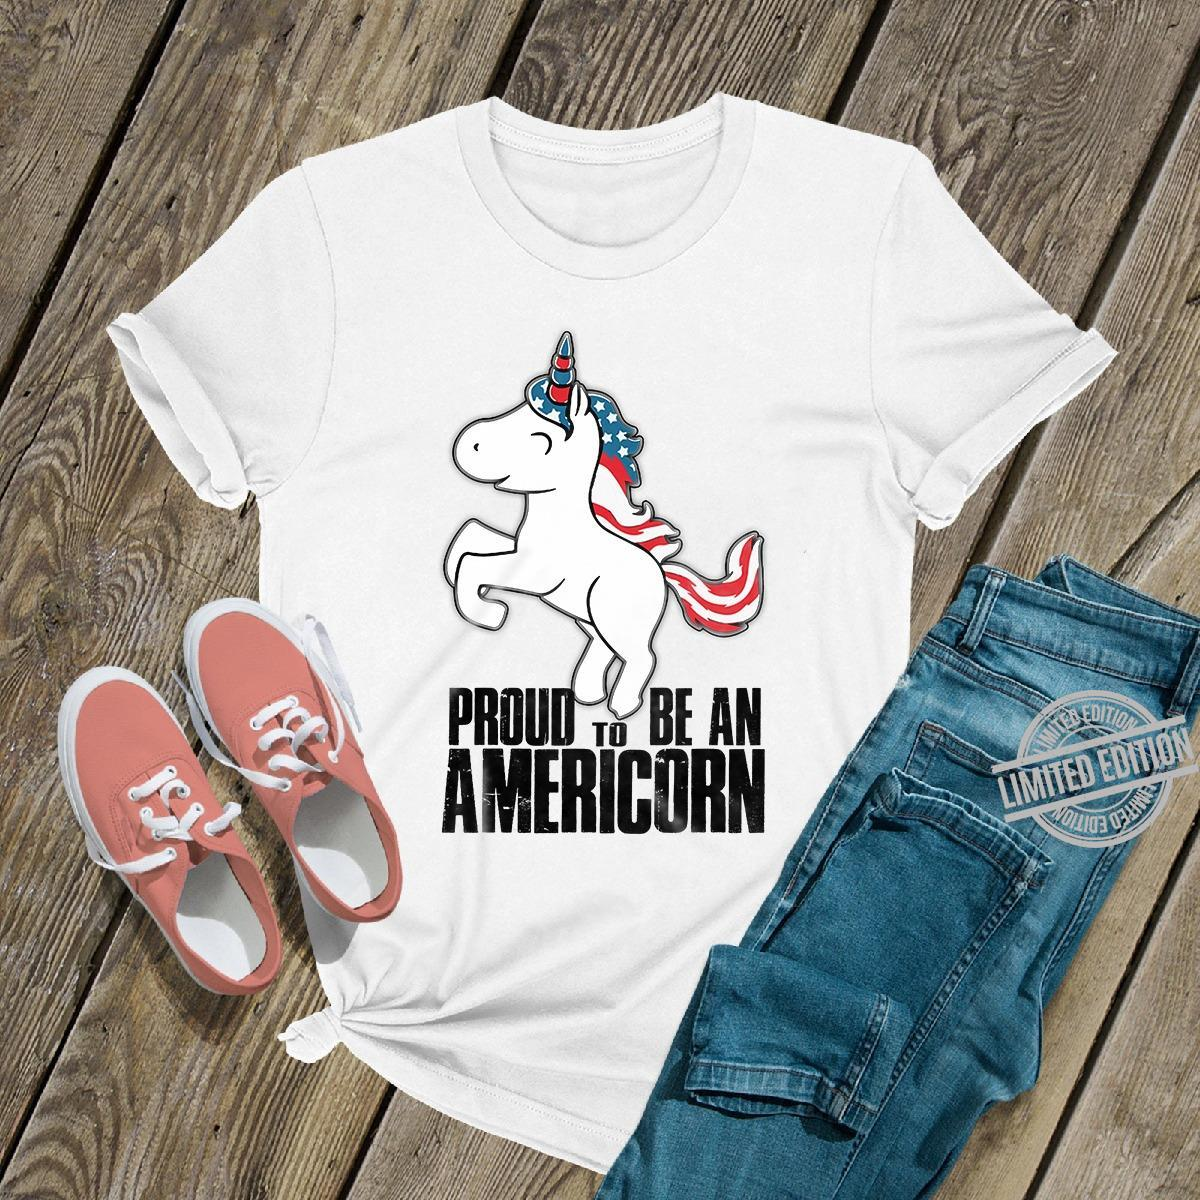 Pround To Be An Americorn Shirt